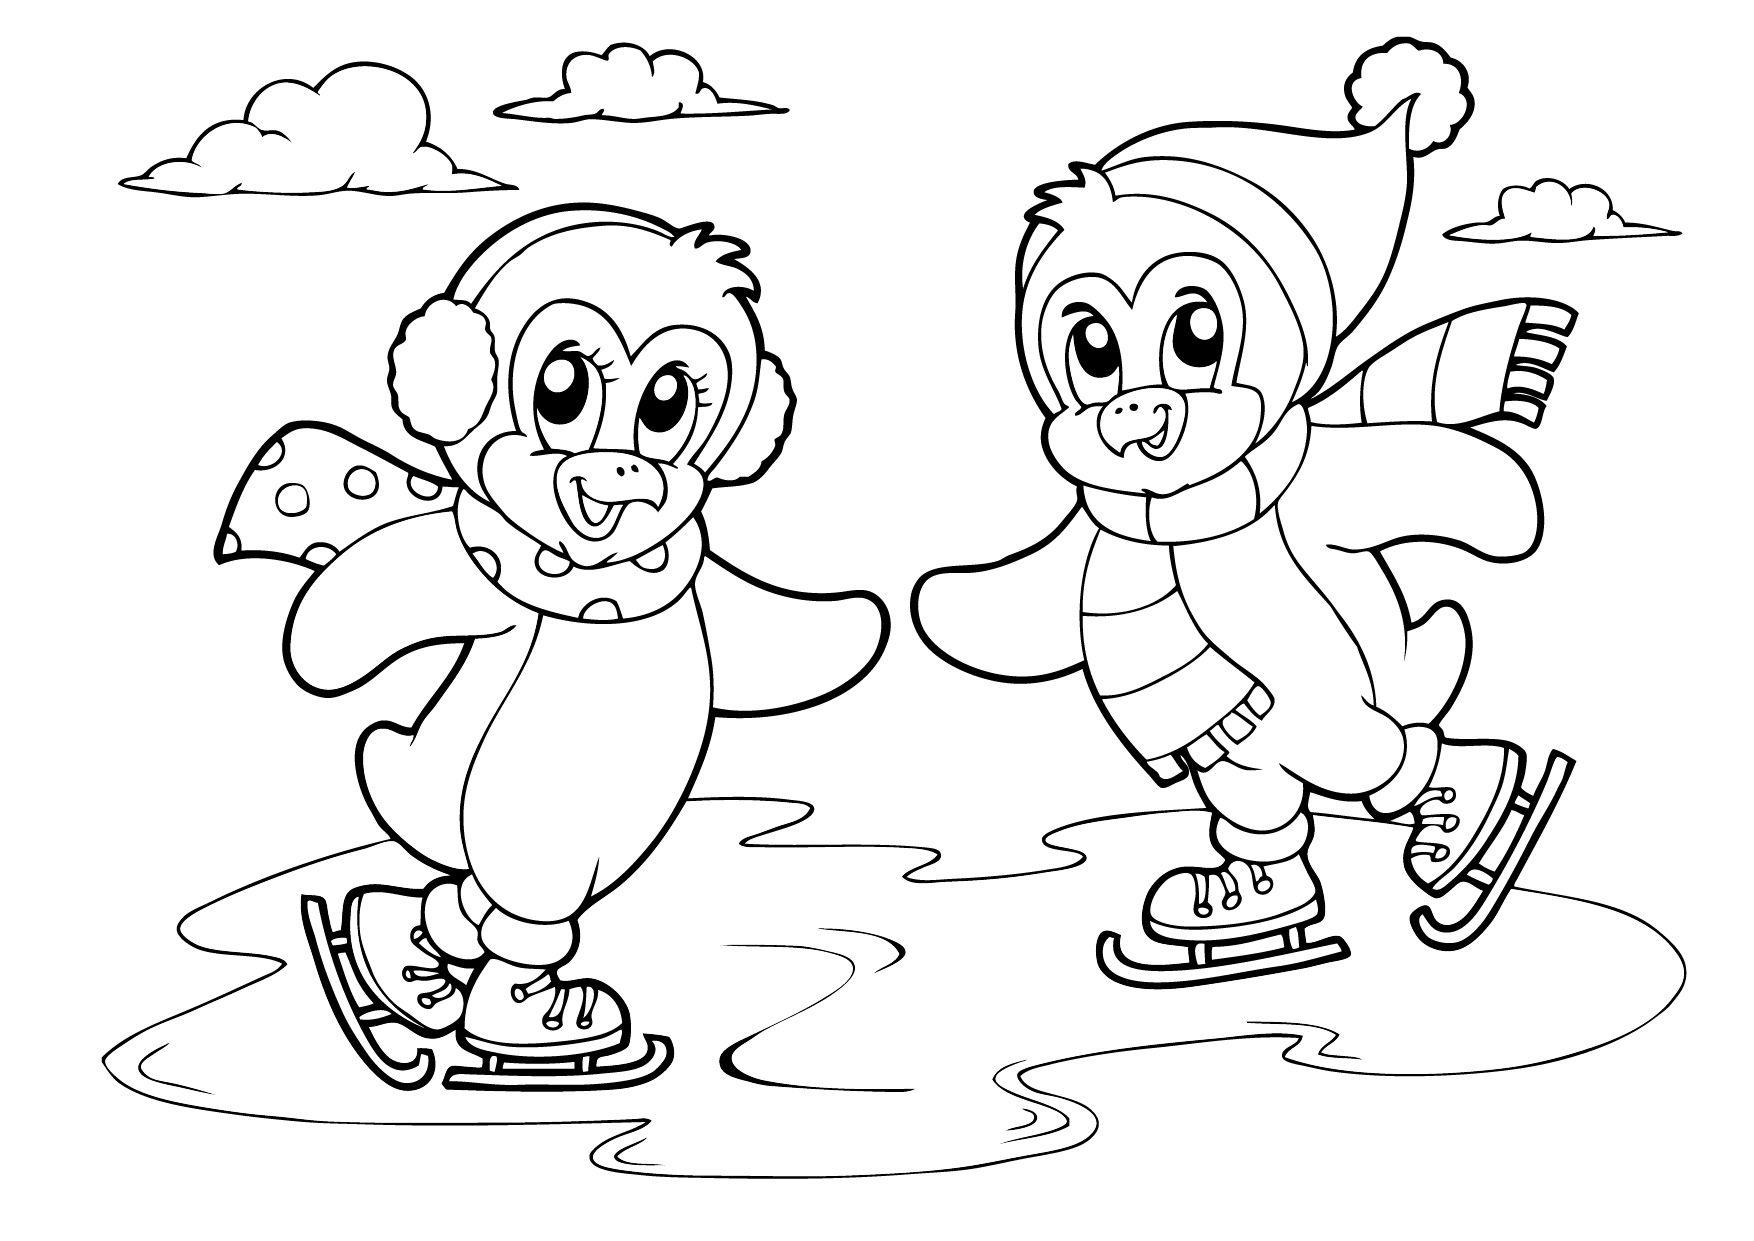 Интересные детские раскраски на тему: Зима | Trang trí